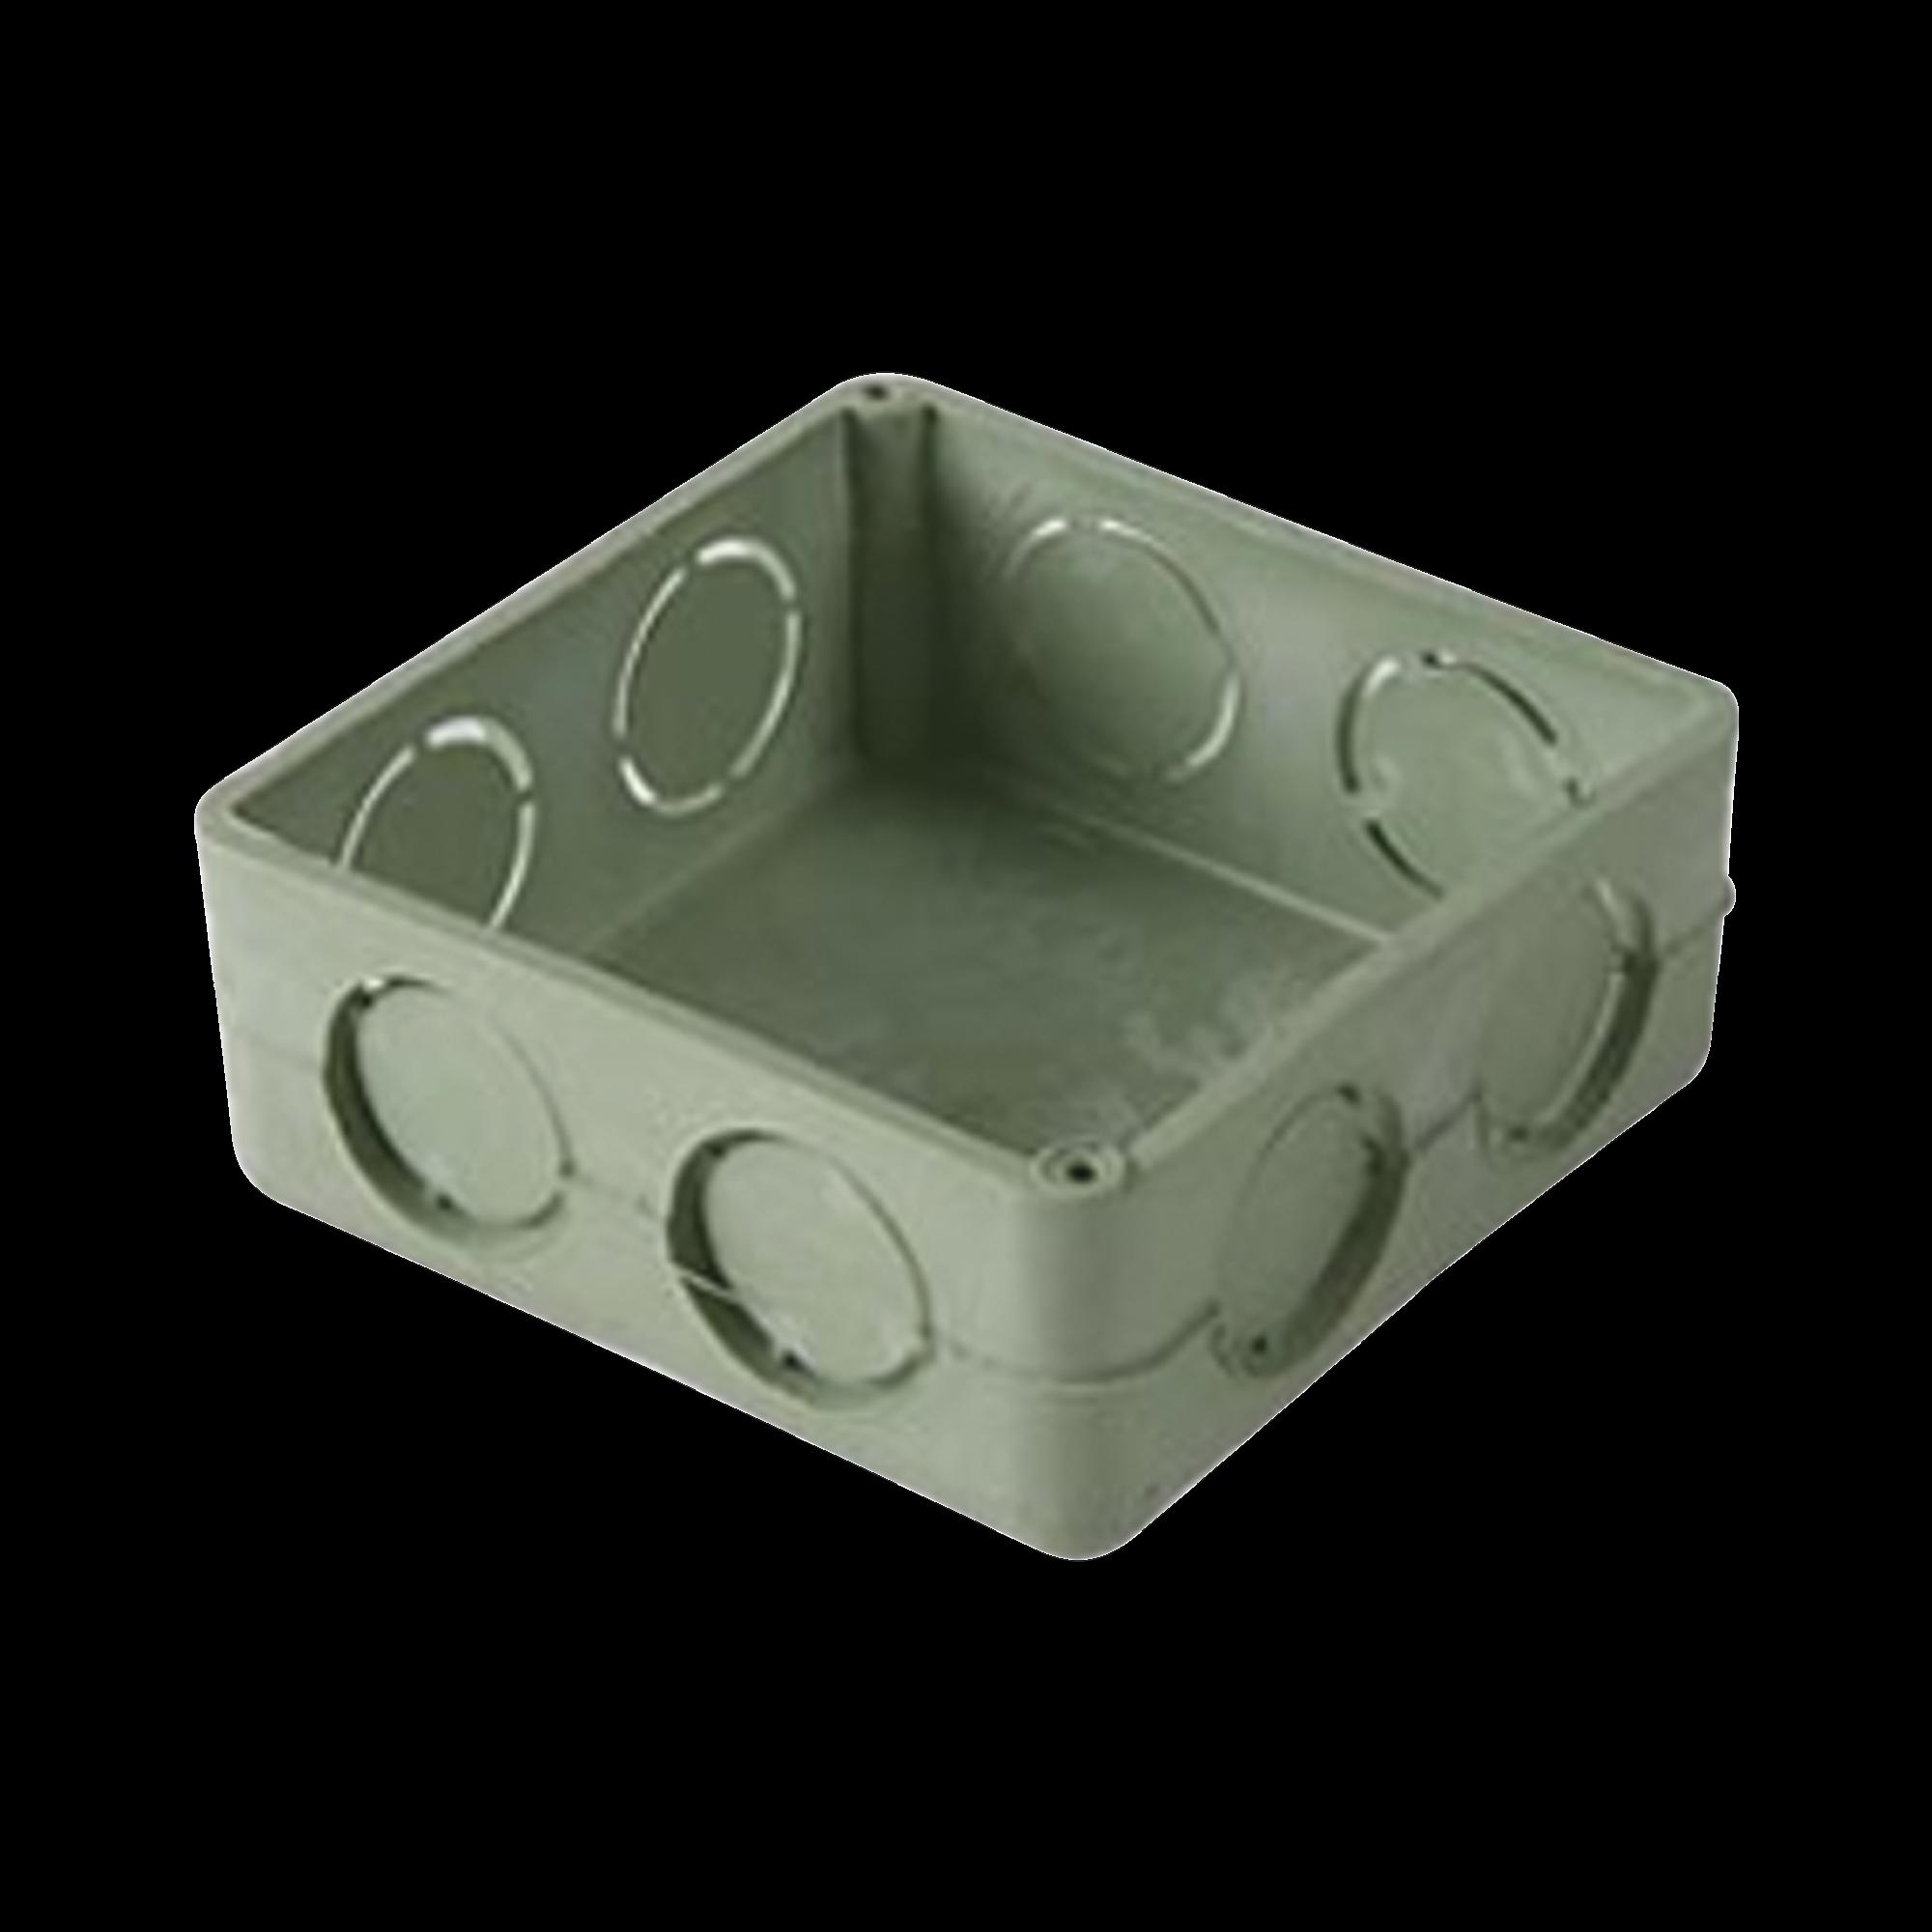 Caja cuadrada de 3/4  para instalaciones con tuberia PVC Conduit pesado